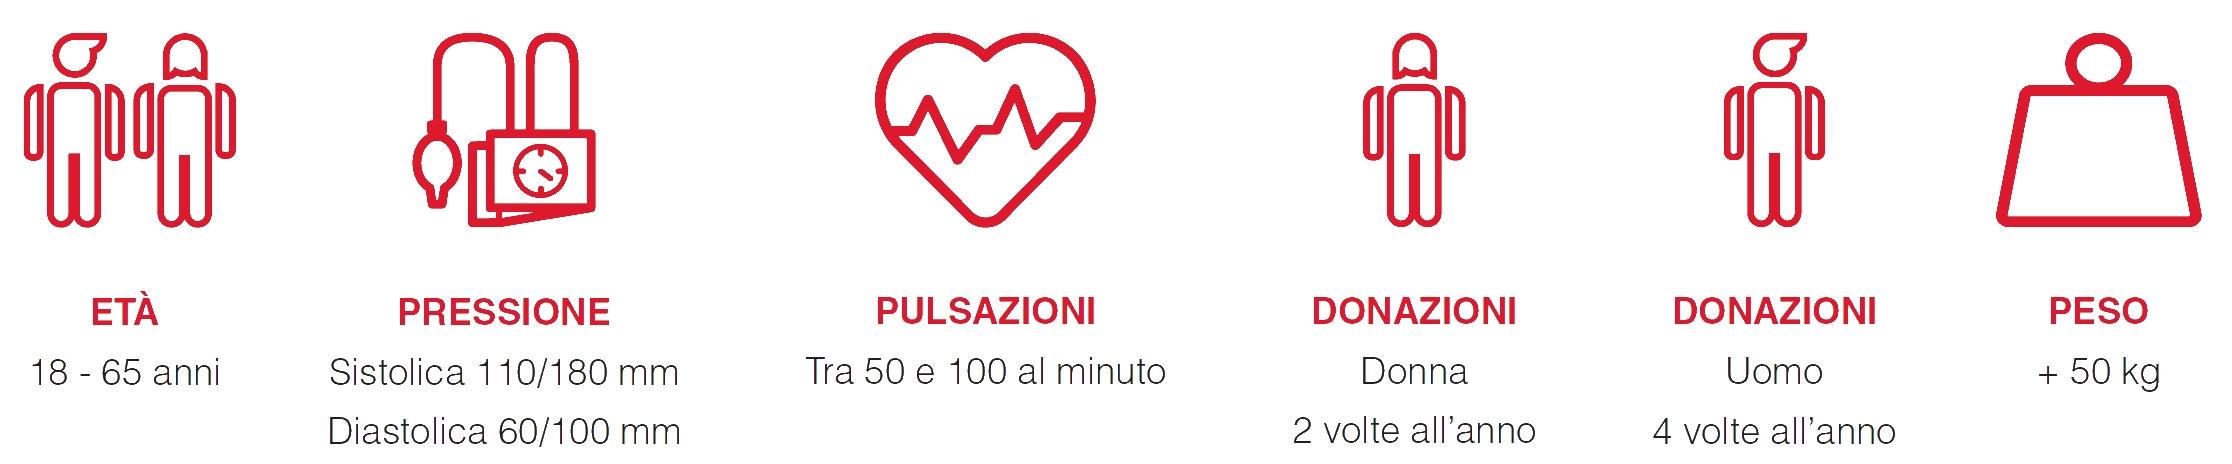 Informazioni donazione sangue